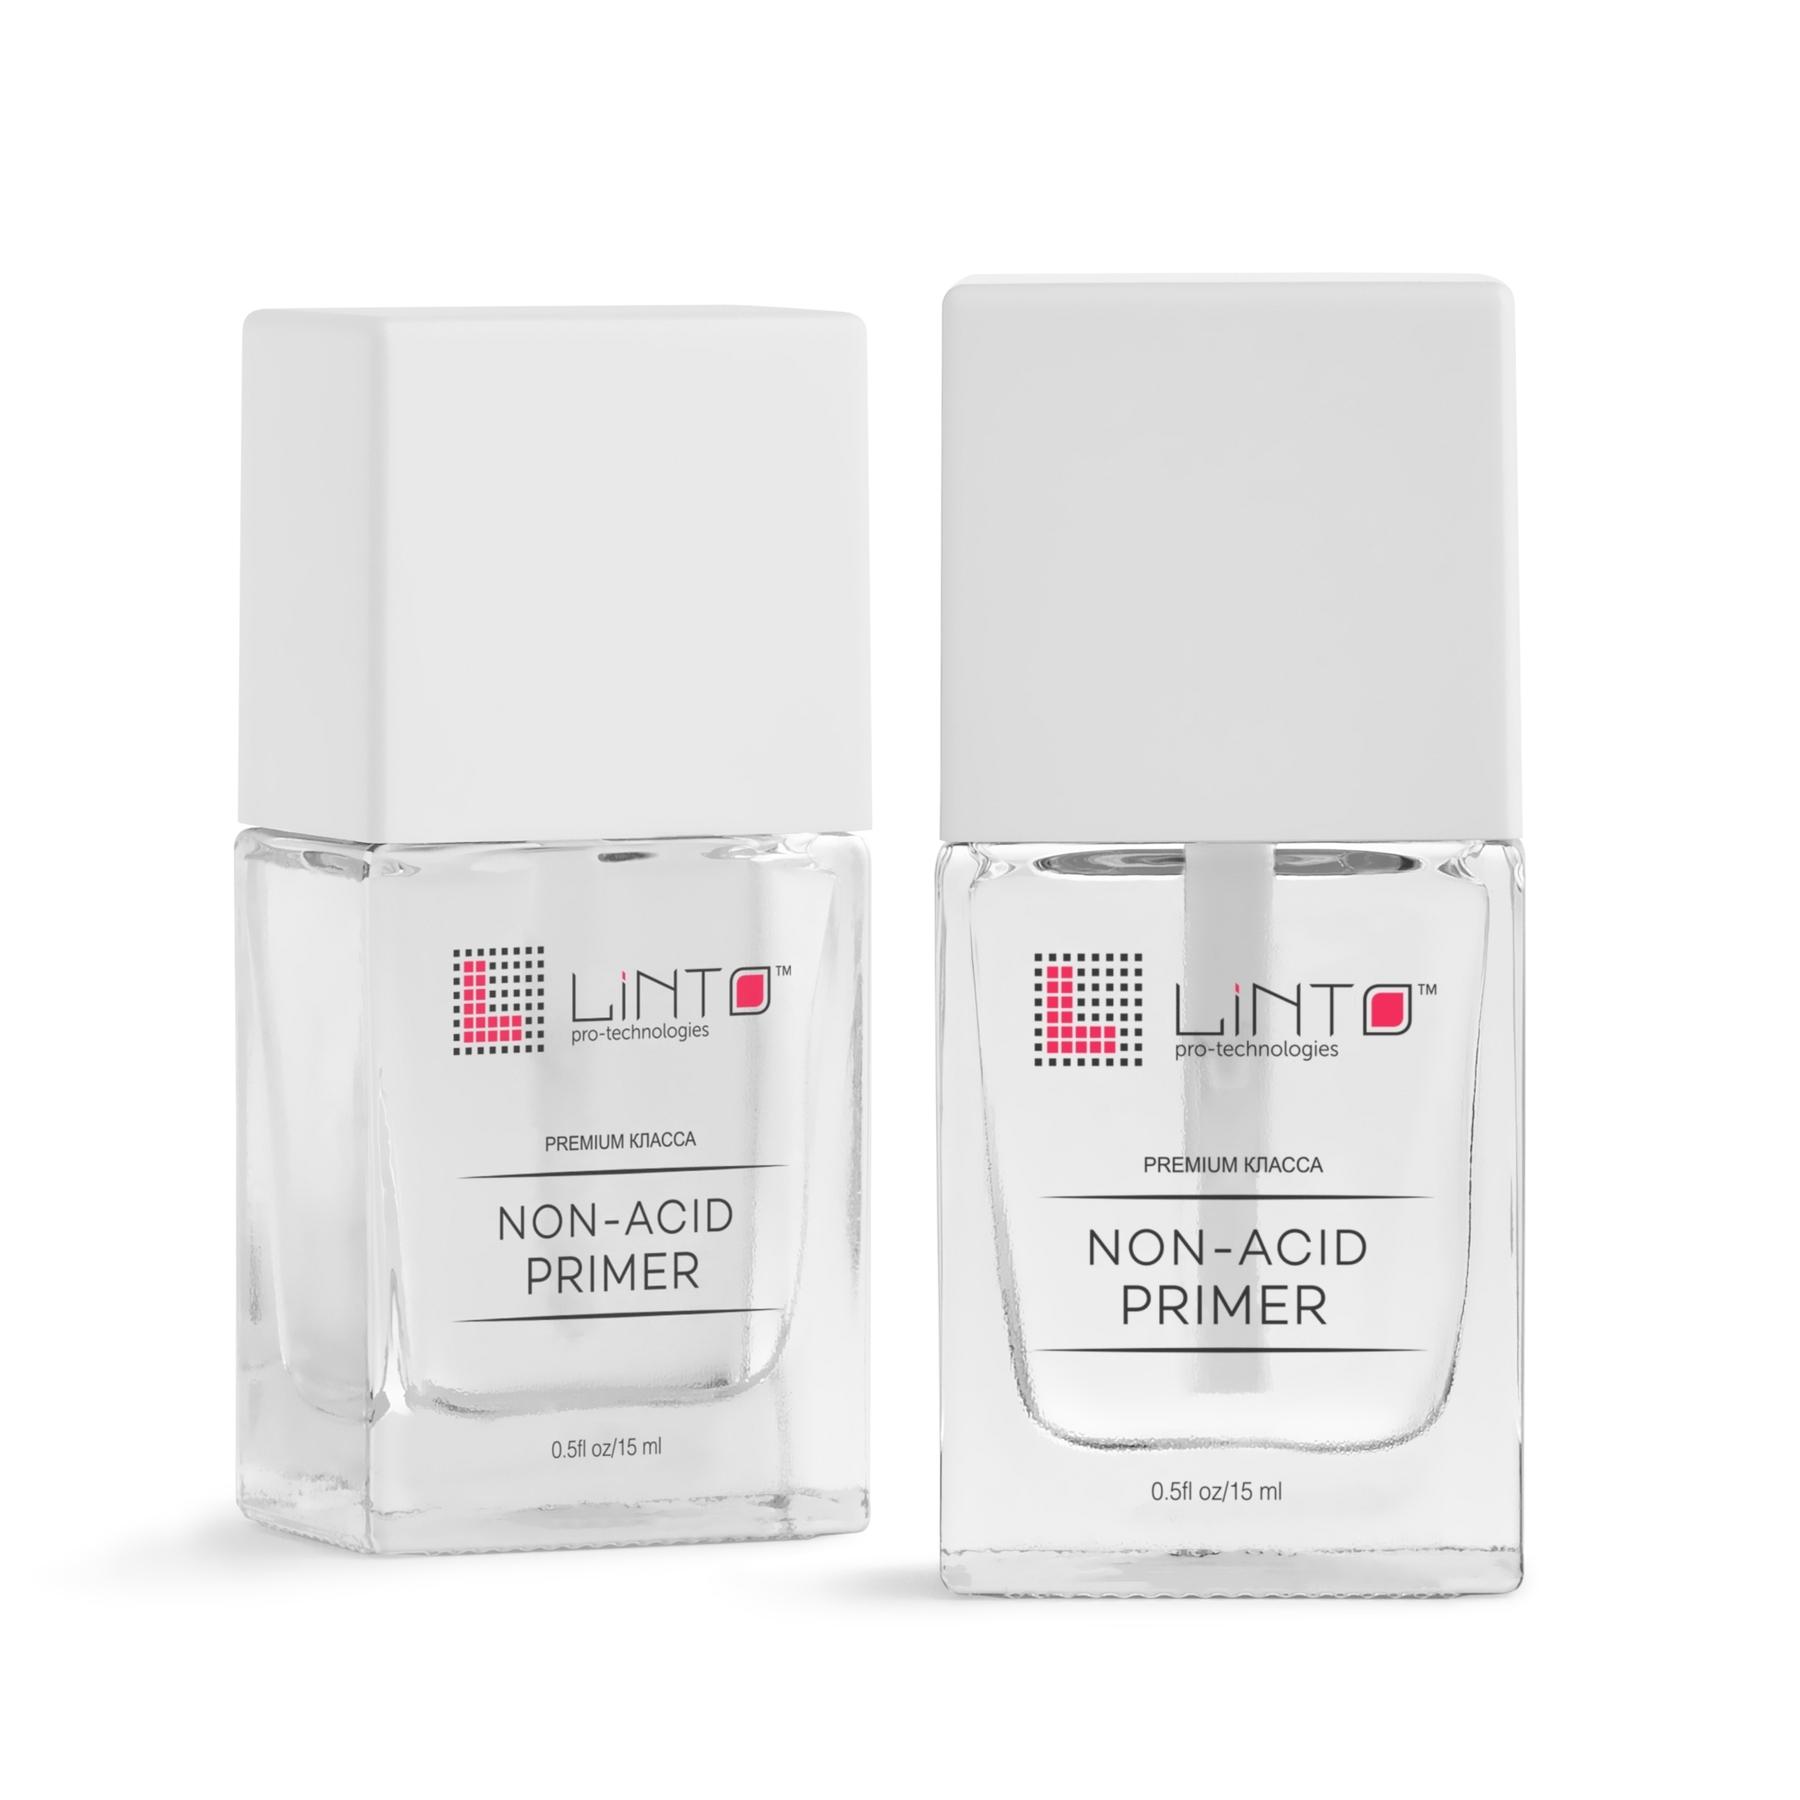 Бескислотный праймер LINTO NONACID PRIMER 15 ml